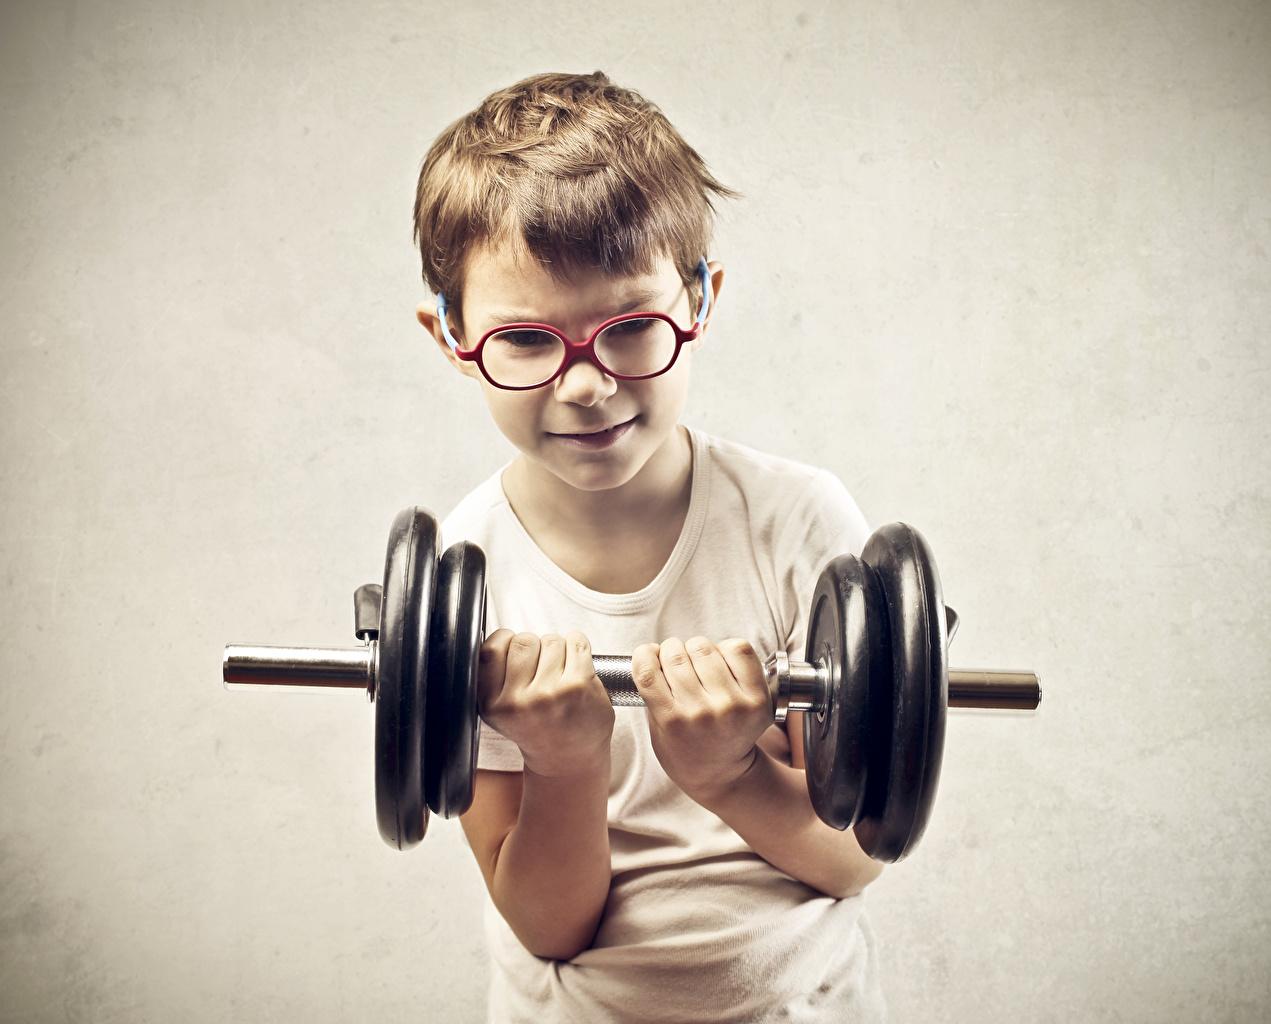 Обои для рабочего стола мальчик тренируется ребёнок гантеля рука очков сером фоне Мальчики мальчишка мальчишки Тренировка физическое упражнение Дети Гантели гантель гантелей гантелями Очки Руки очках Серый фон